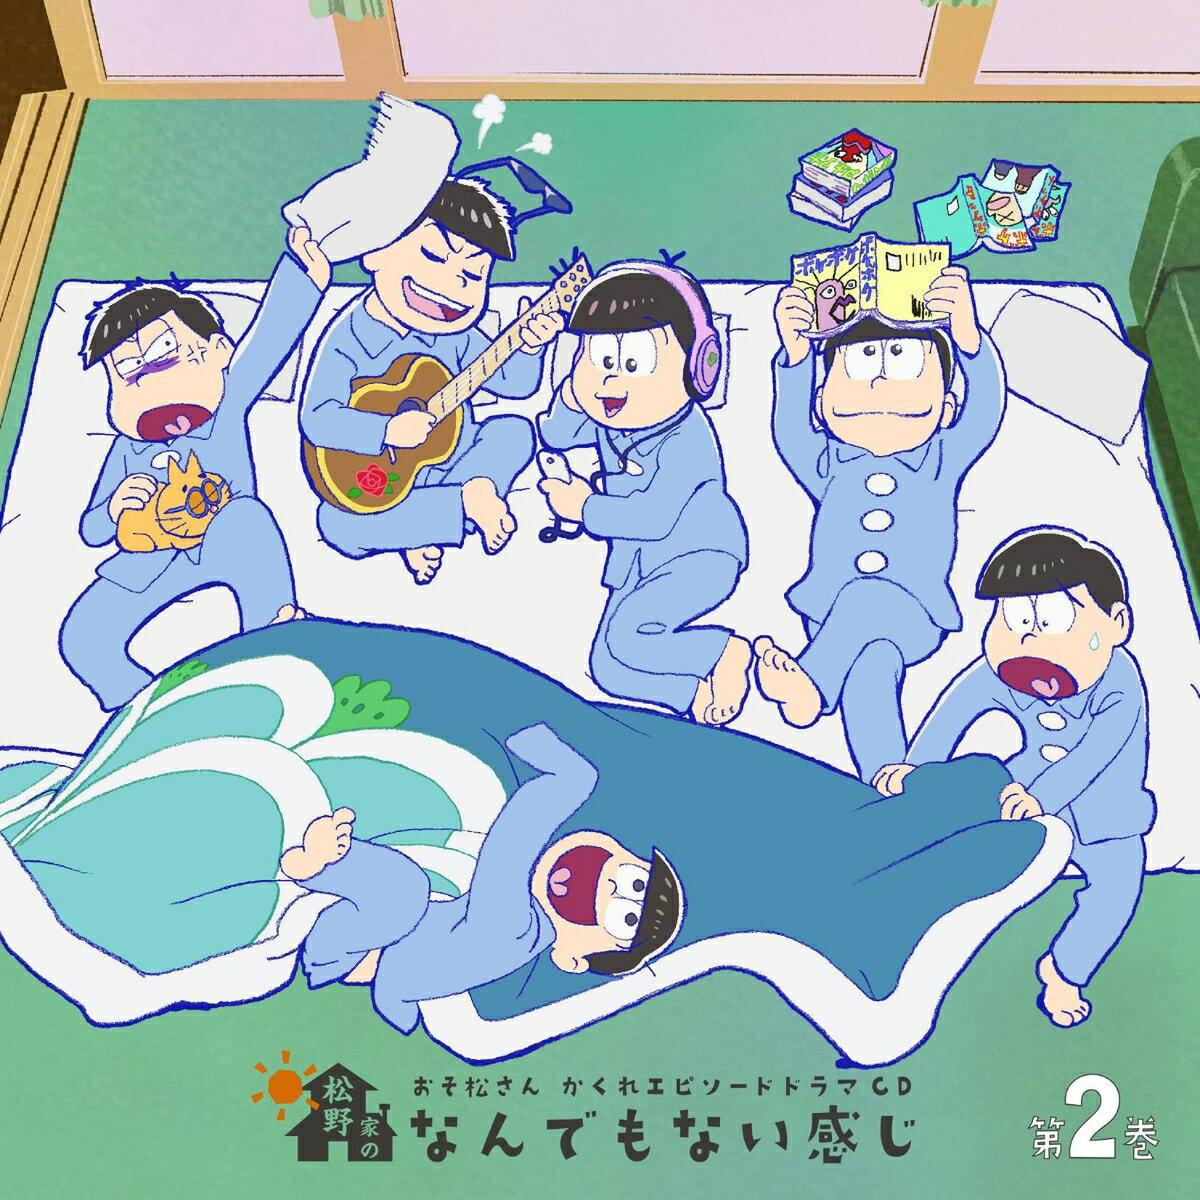 おそ松さん かくれエピソードドラマCD「松野家のなんでもない感じ」 第2巻画像